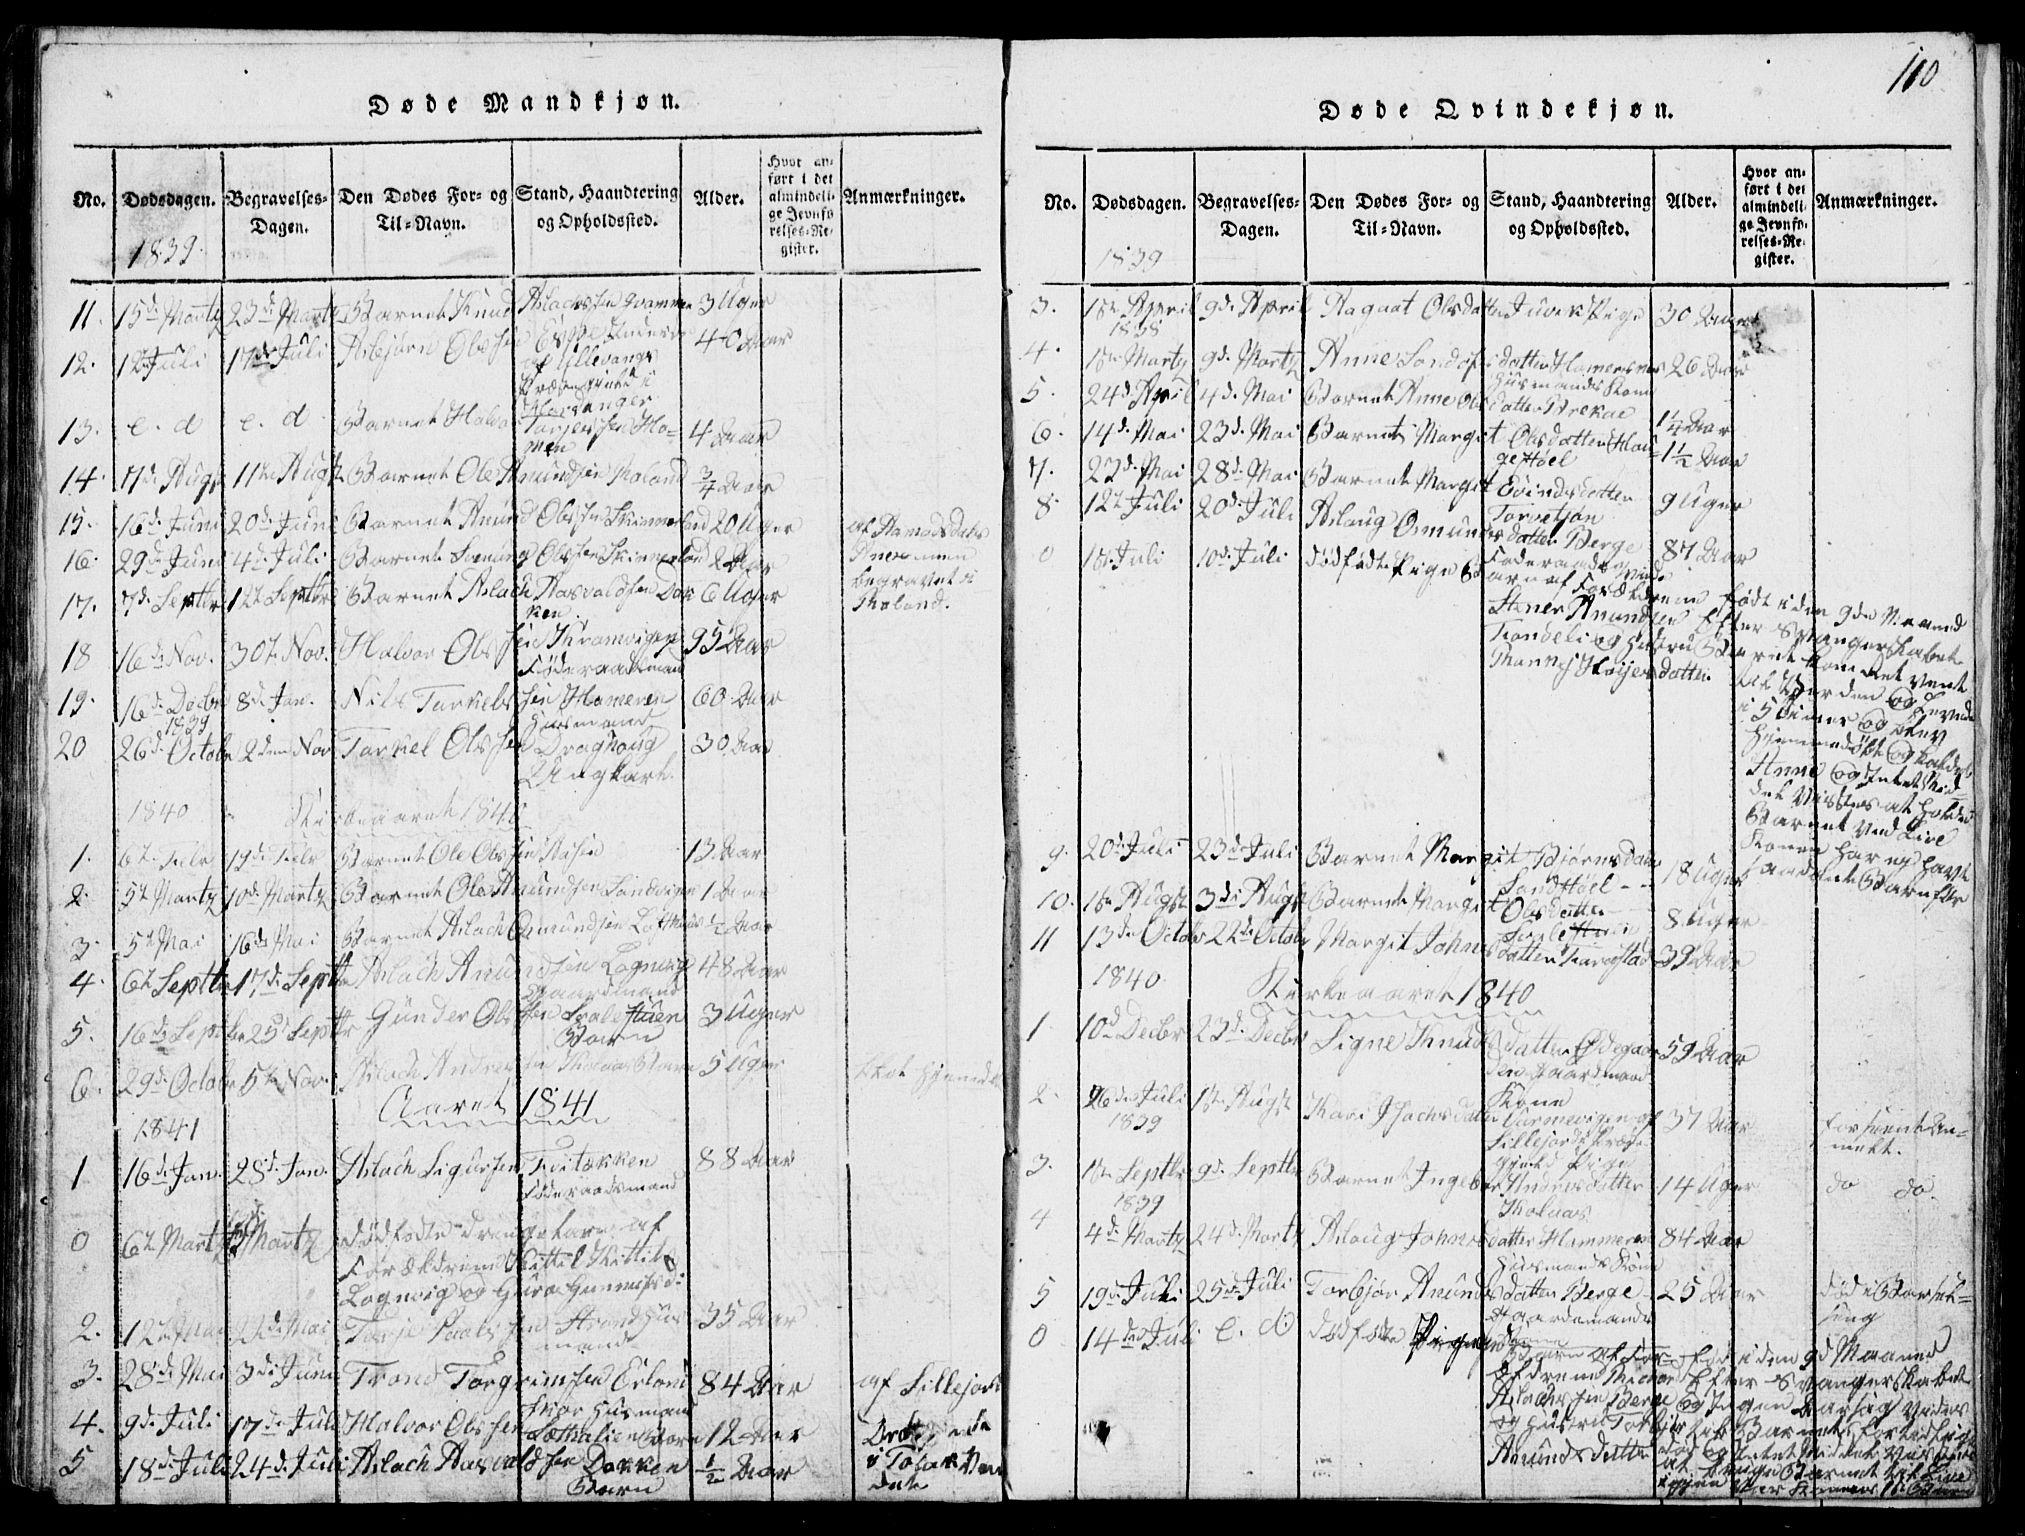 SAKO, Rauland kirkebøker, G/Ga/L0001: Klokkerbok nr. I 1, 1814-1843, s. 110